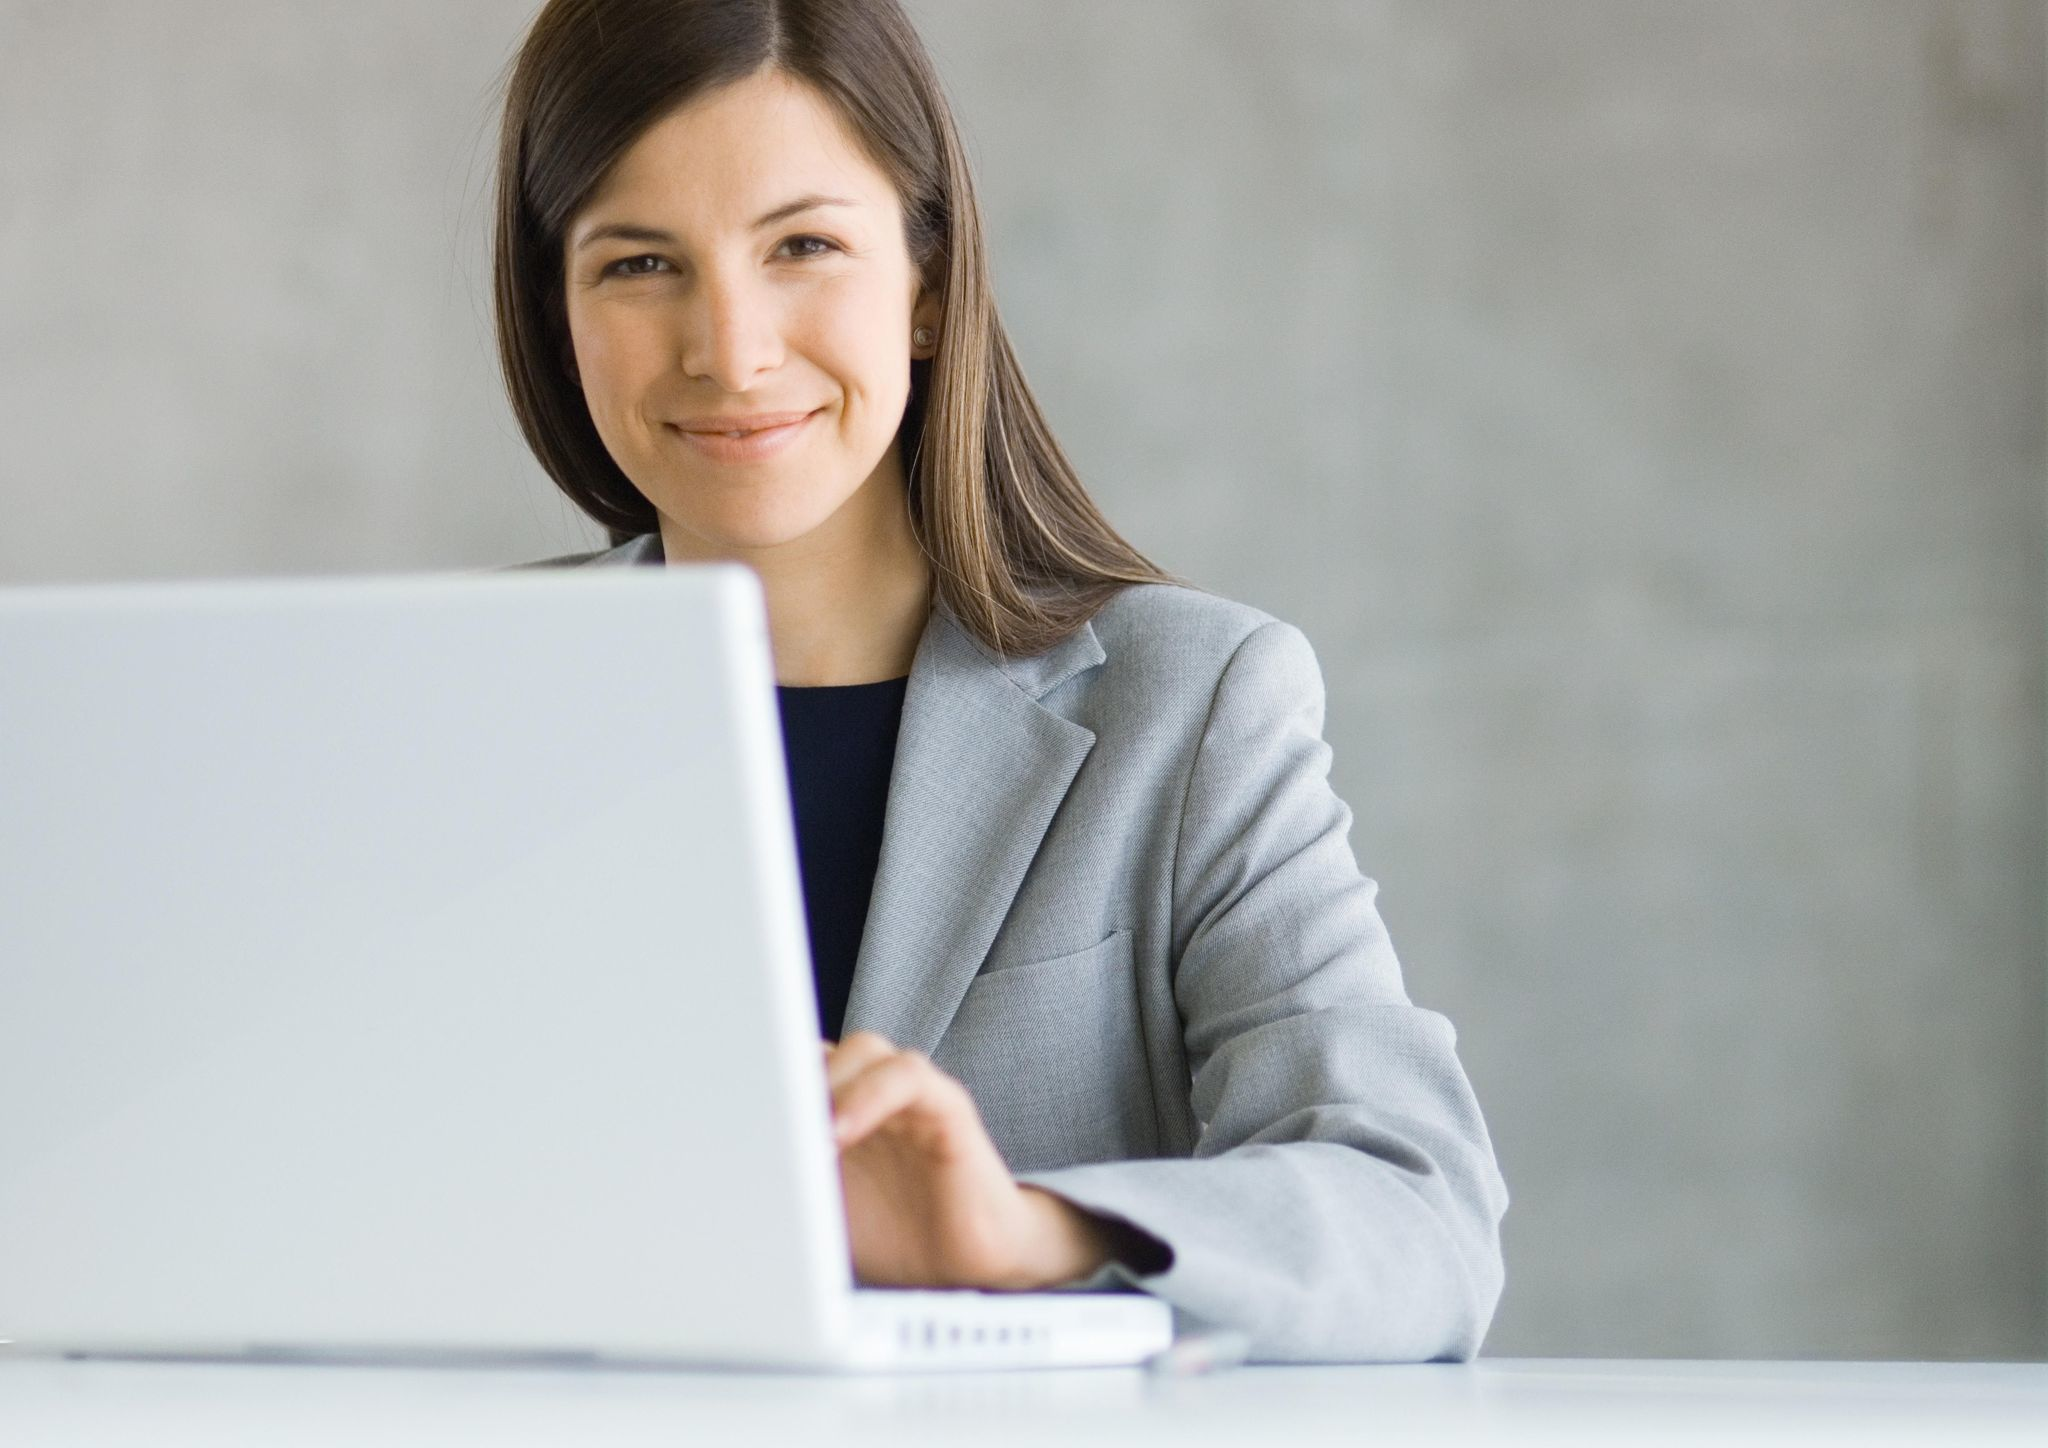 Bom Dia !! Cursos Online com Certificado, profissionalizantes, pós-graduação, idiomas Visite-nos!  http://www.ofertasimbativeisbrasil.com/educacao-virtual/